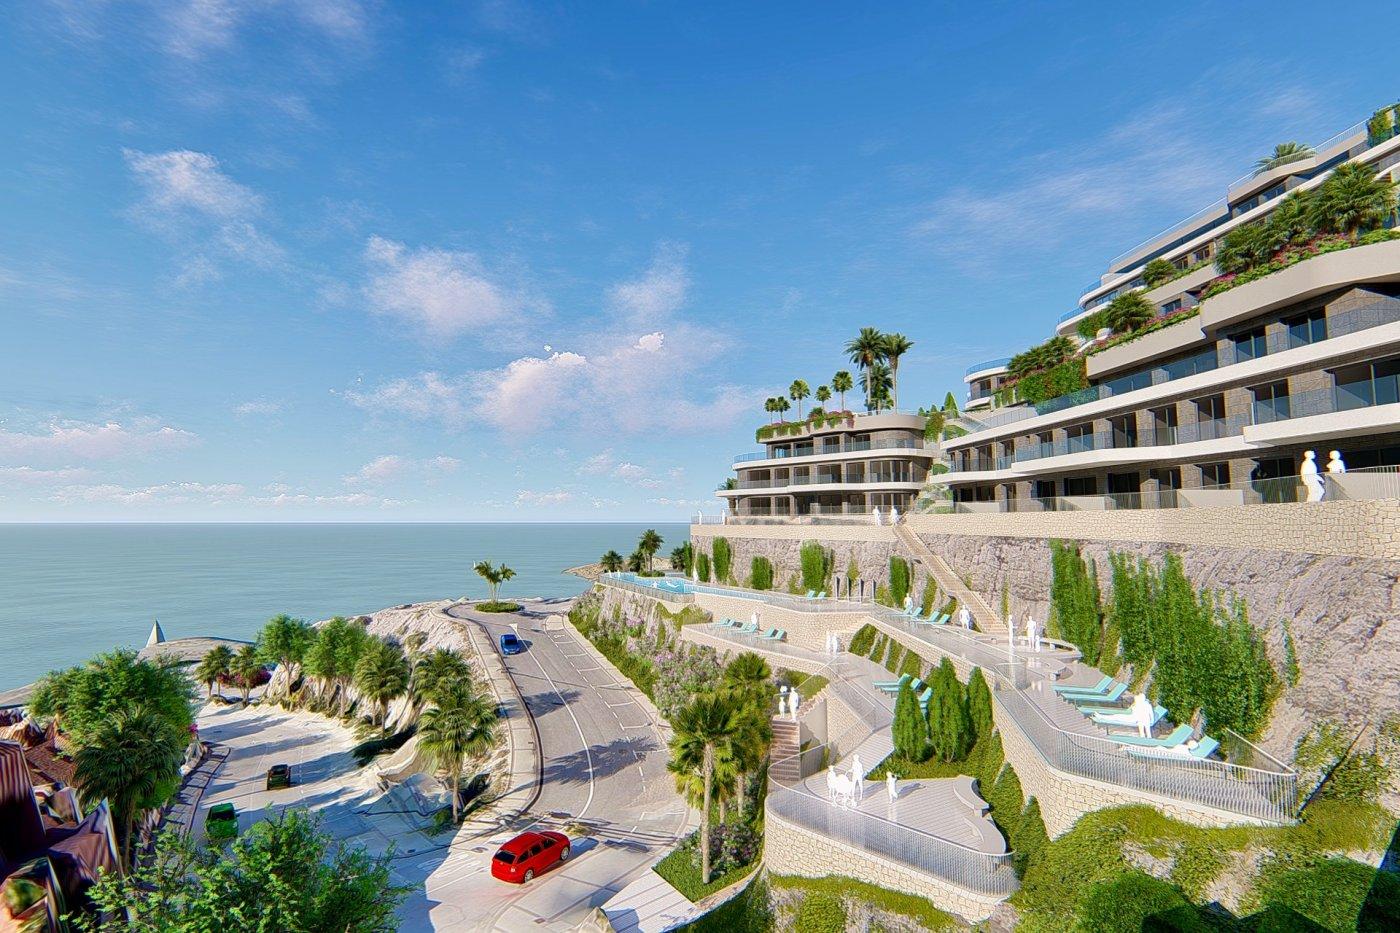 Galleribillede 6 of Vildt lækker 2 værelses luksus penthouse lejlighed med fantastisk udsigt og 59 m2 solterrasse